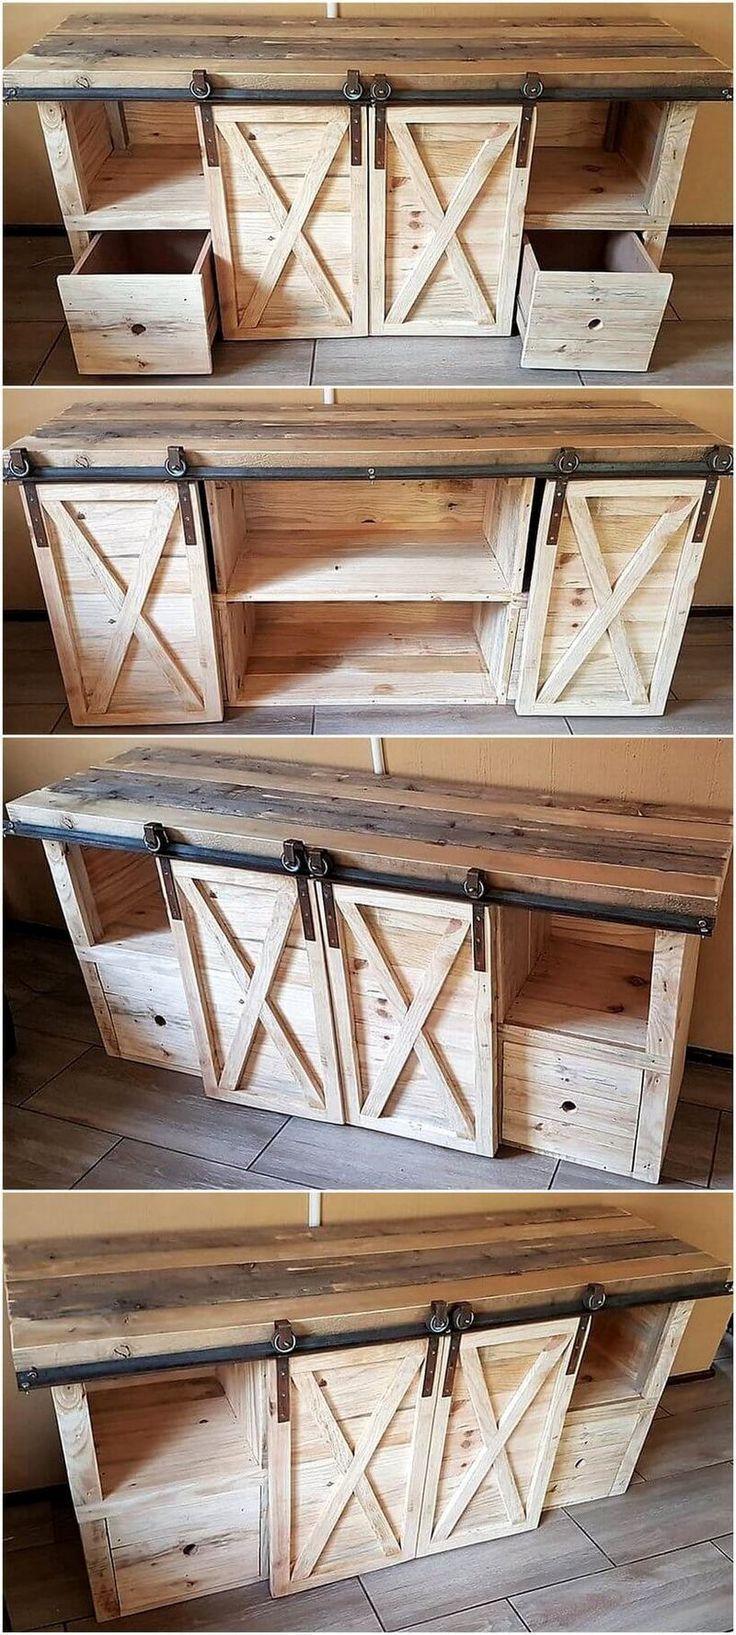 Patio En Bois De Palette idées et projets en bois de palettes rustiques #bois #idées